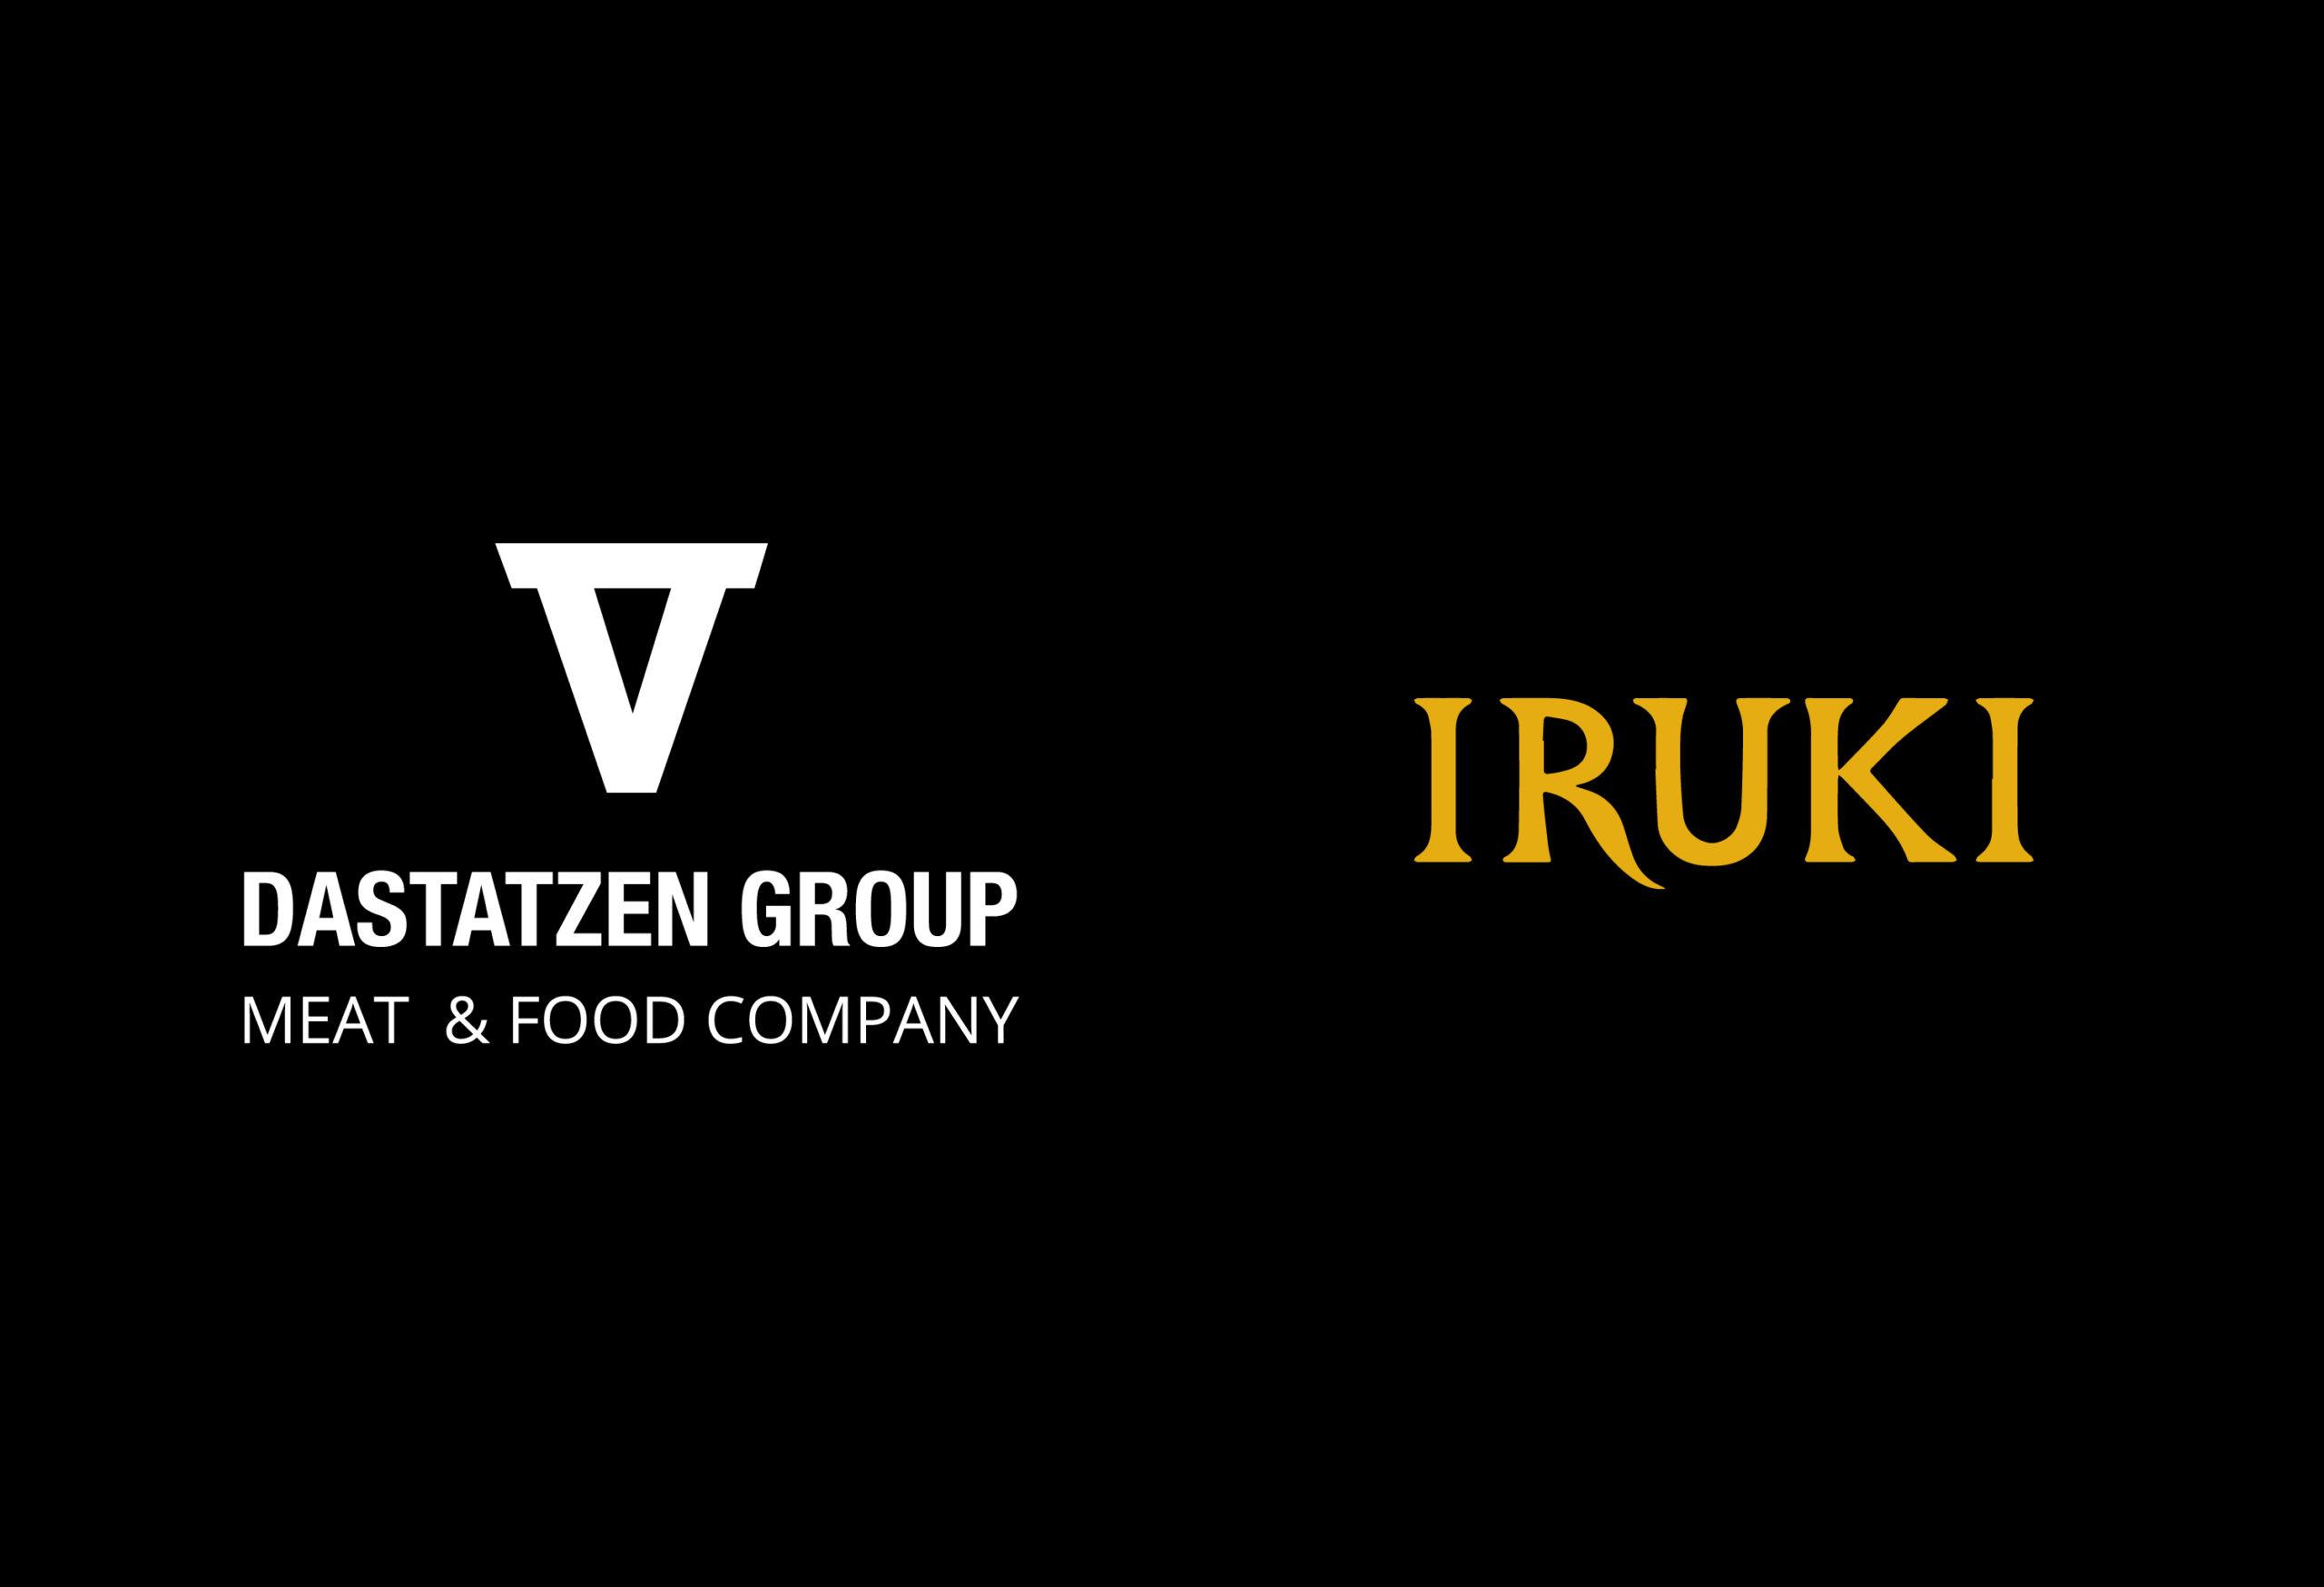 logos dastatzen group e iruki